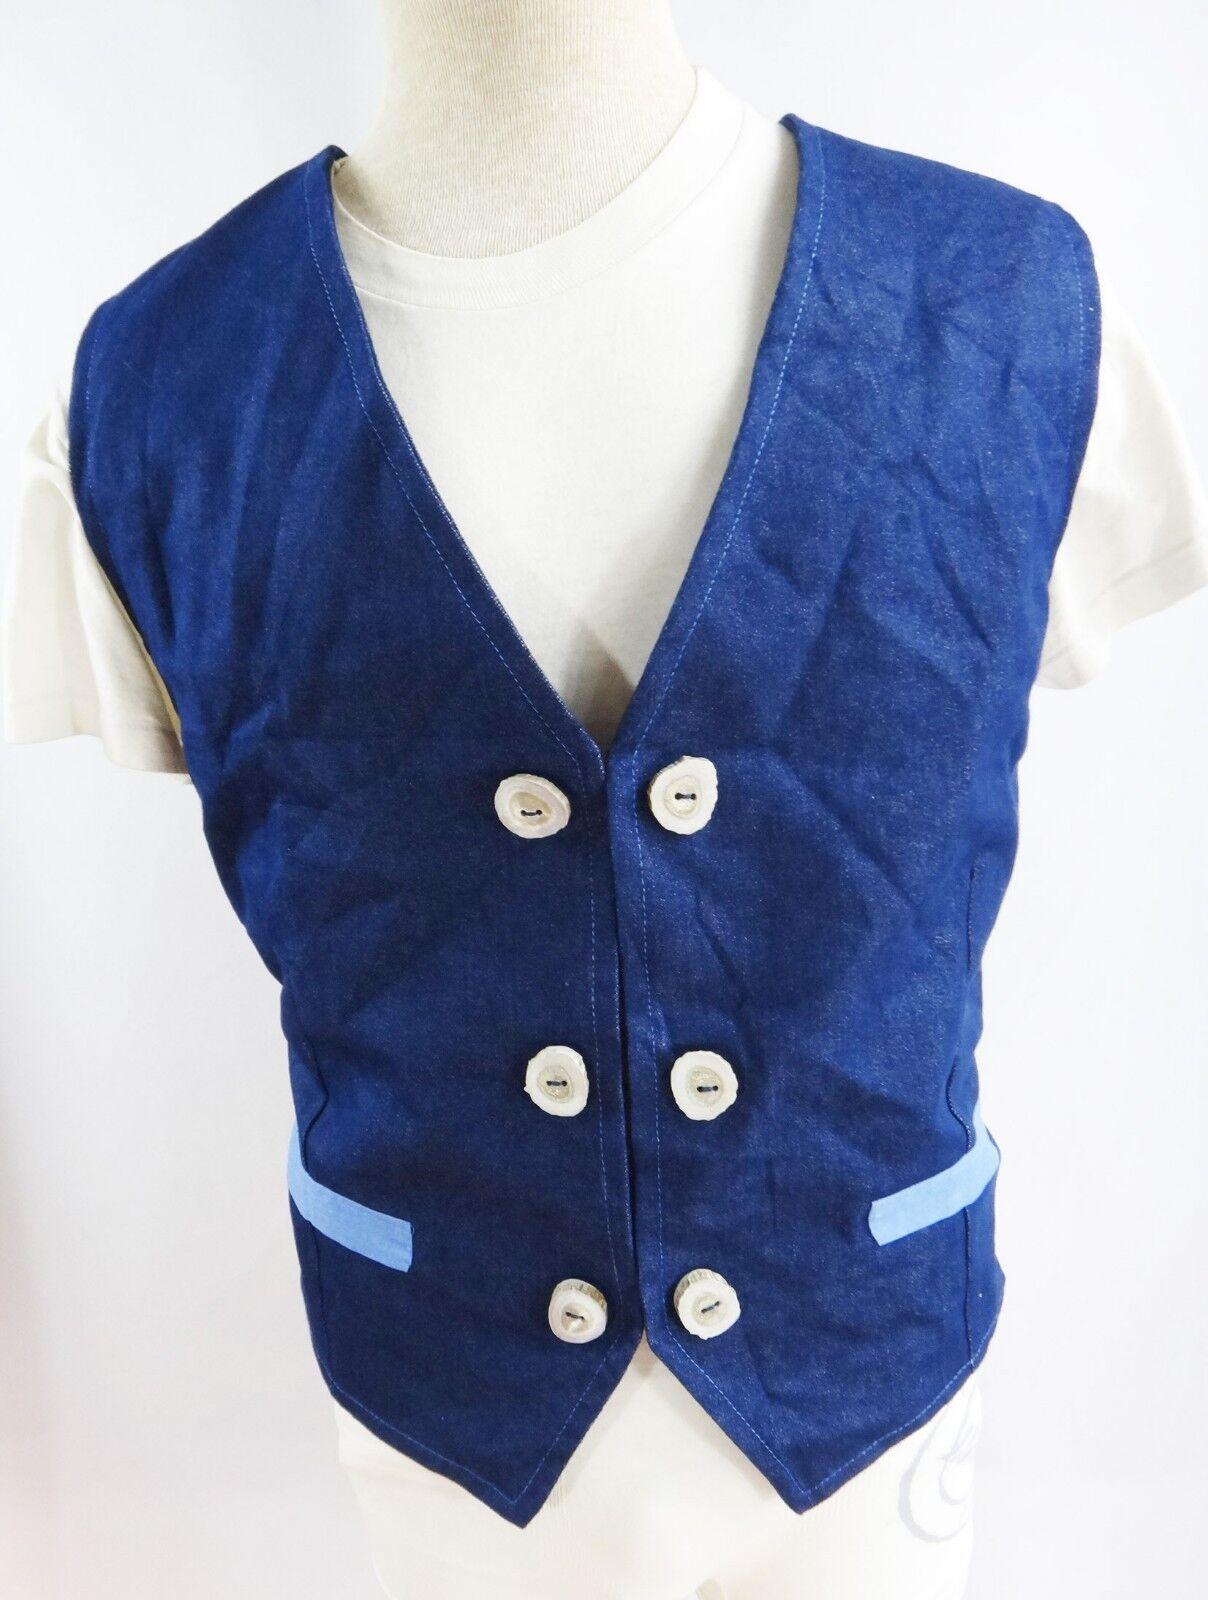 Handmade LARGE antler button vest denim denim denim cowboy blu jean clown steampunk cosplay bb1f21